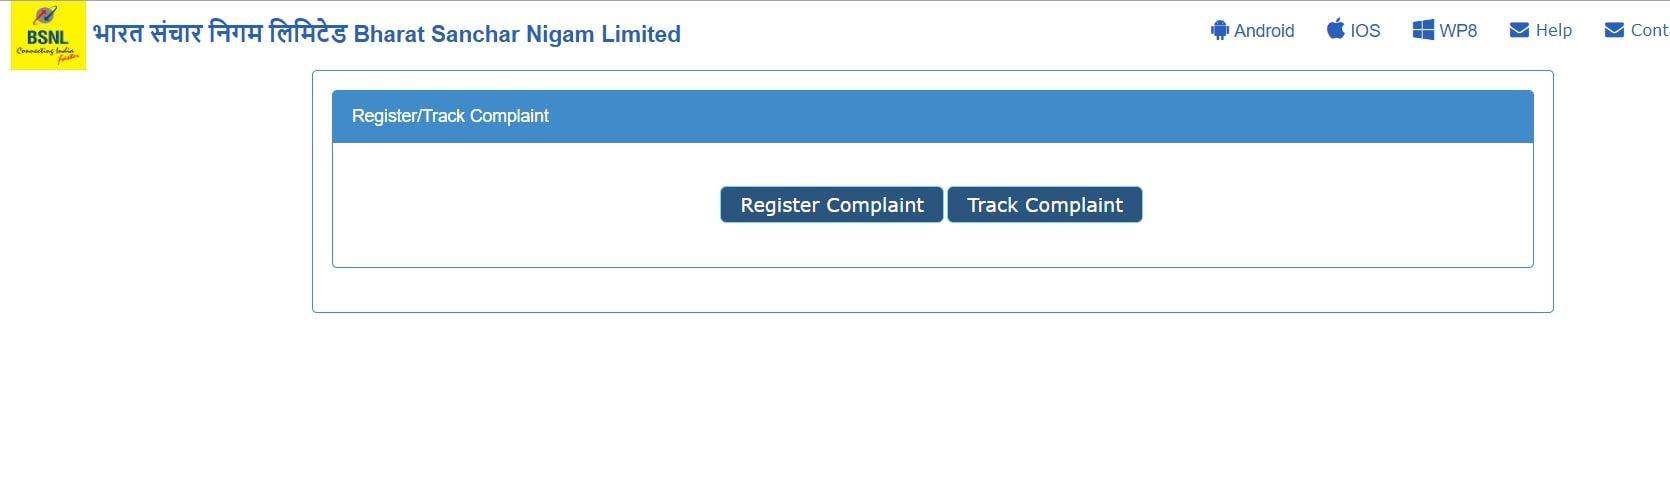 BSNL Selfcare portal register complaint